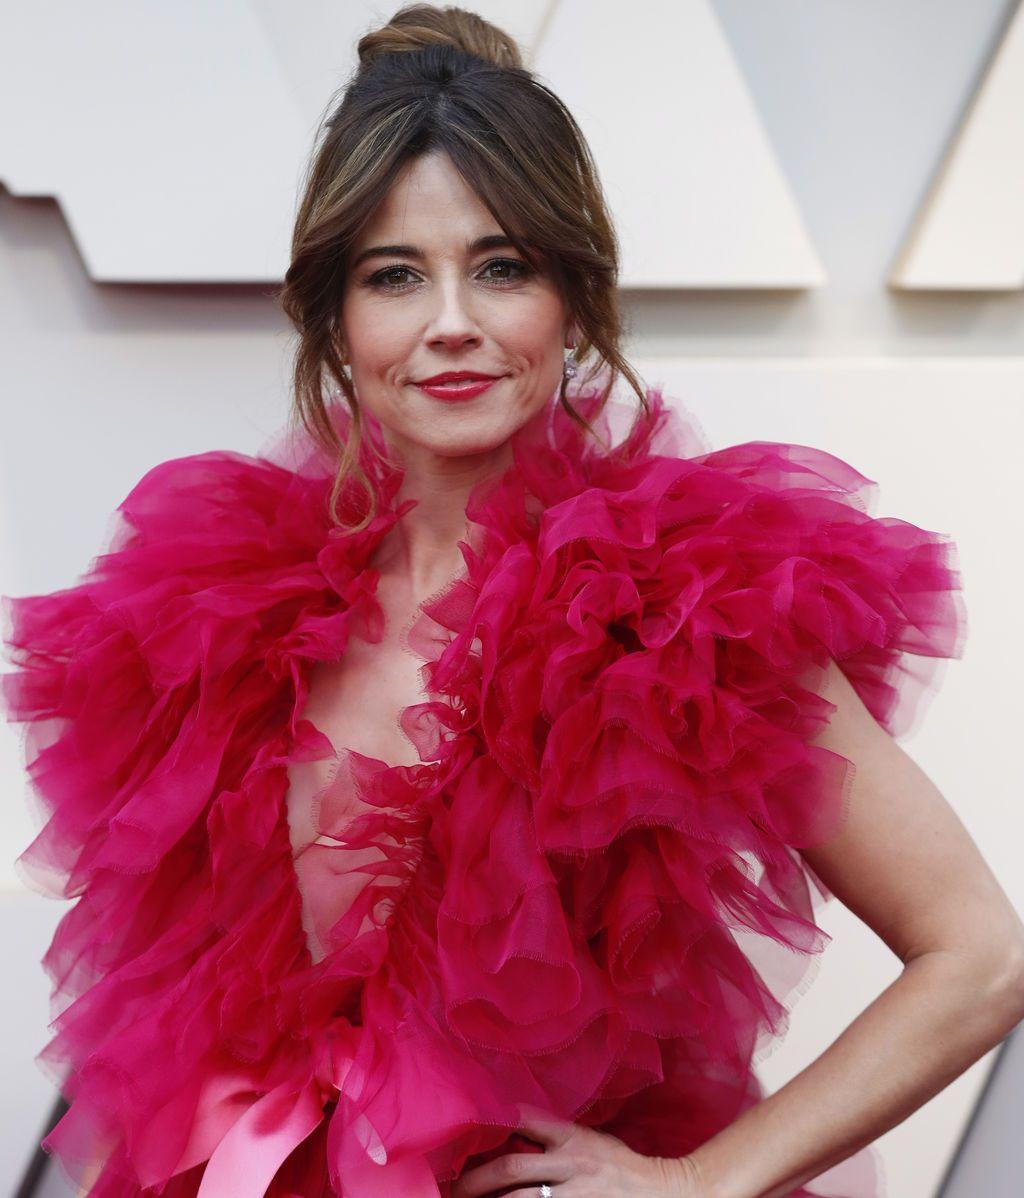 Linda Cardenilli posa en la alfombra roja de los Premios Oscars 2019